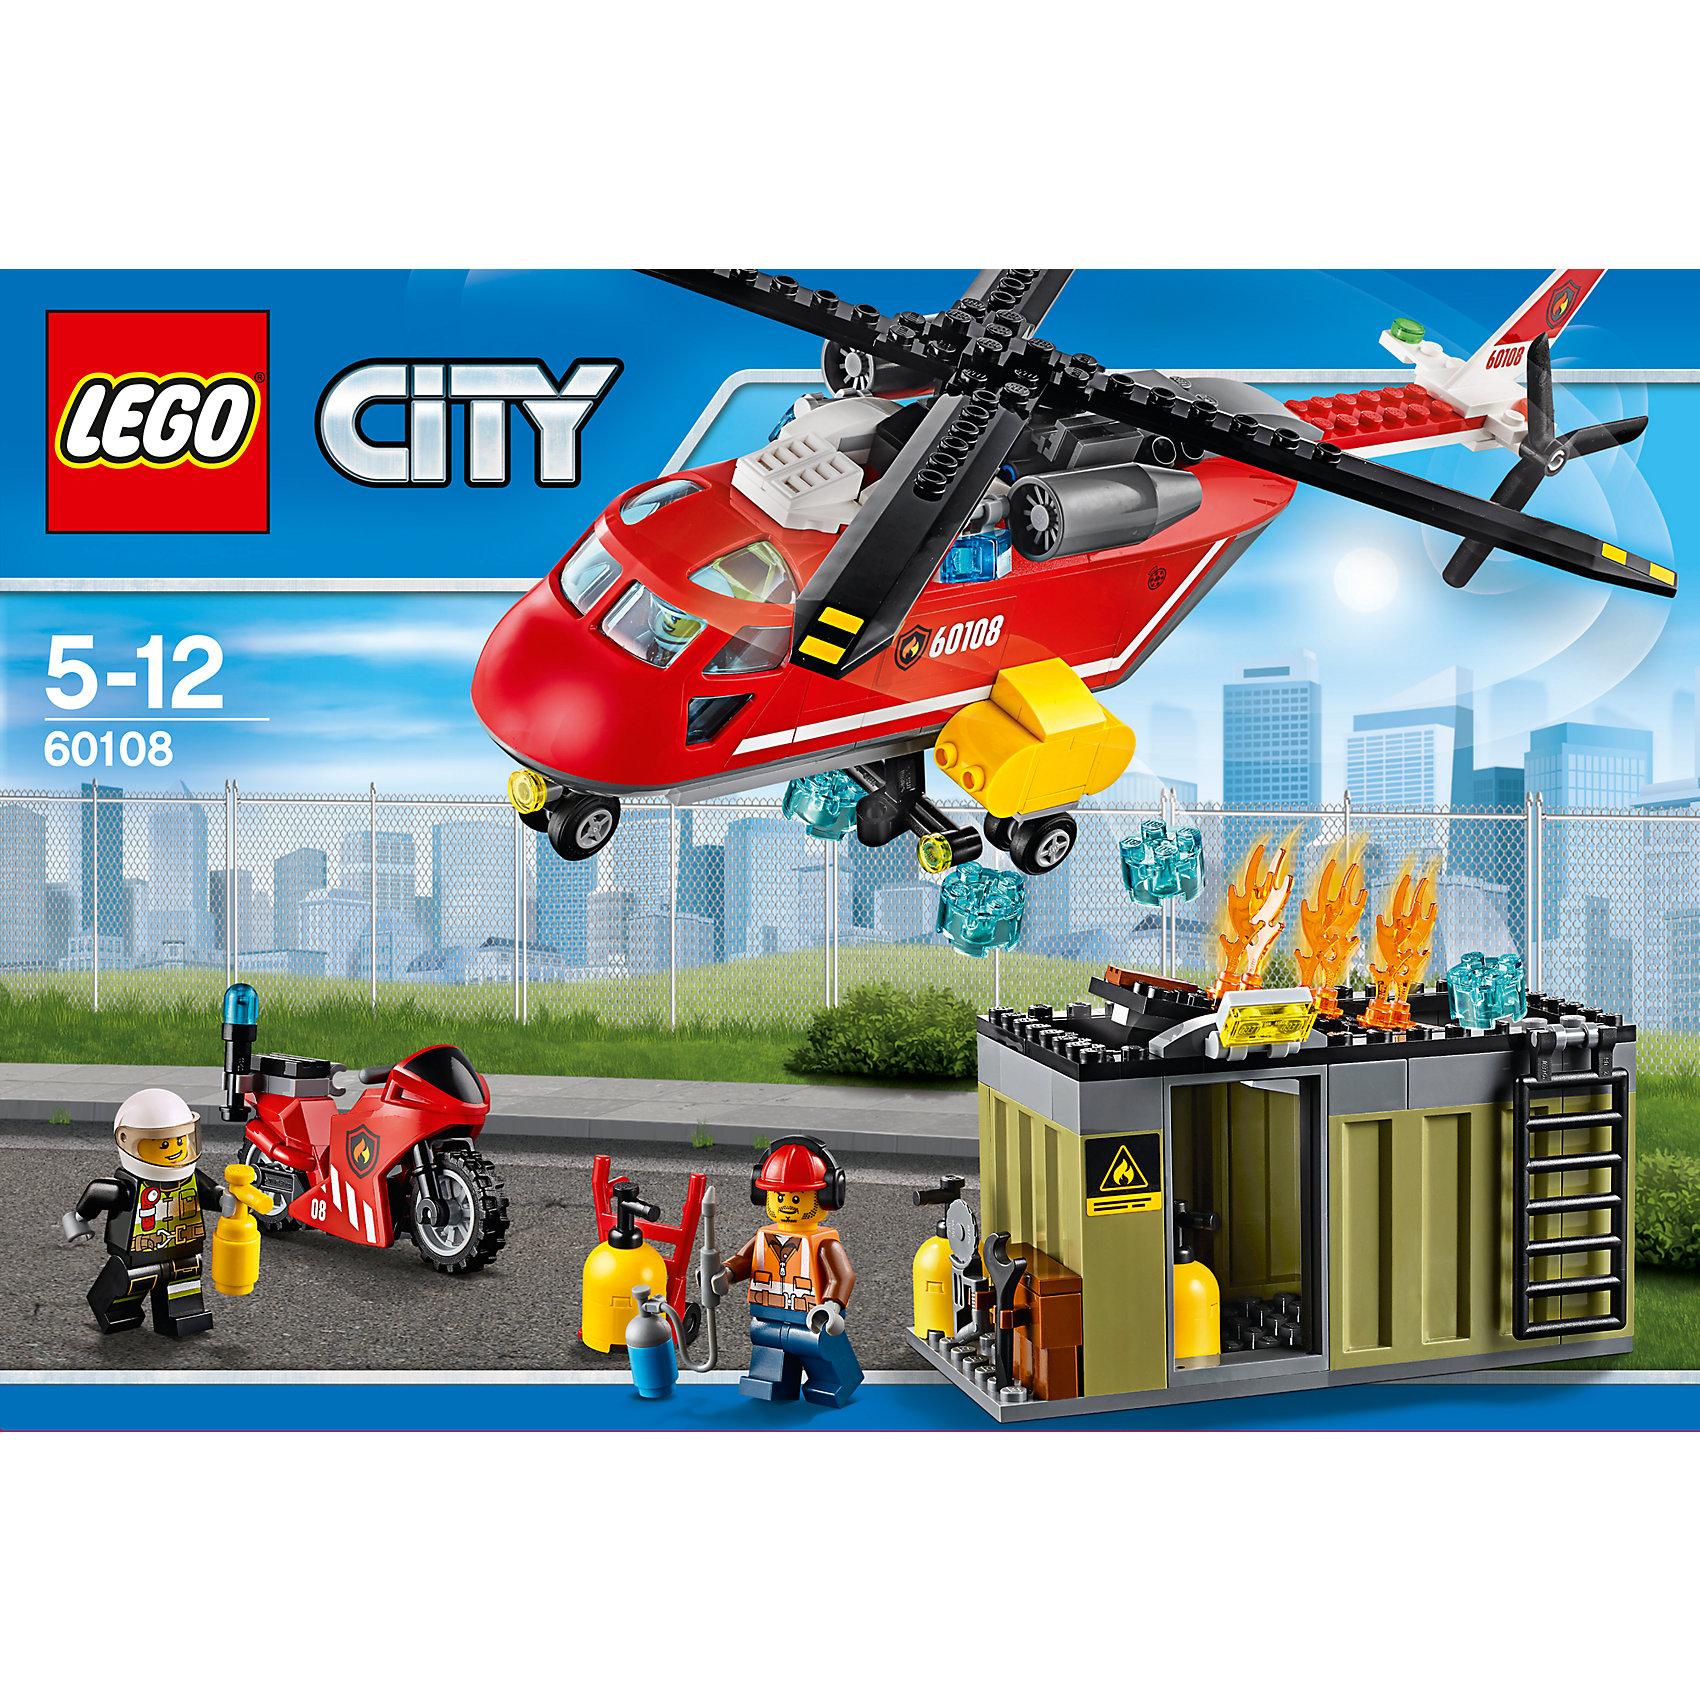 LEGO City 60108: Пожарная команда быстрого реагированияПластмассовые конструкторы<br>LEGO City (ЛЕГО Сити) 60108: Пожарная команда быстрого реагирования подарит Вашему ребенку новые веселые приключения и расширит игровые возможности. В городе Лего чрезвычайное происшествие - горит склад с газовыми баллонами! Вот-вот всё взлетит на воздух! Но опытная команда пожарных уже вылетела к месту пожара на своем специально оснащенном вертолете. Они тушат огонь с воздуха при помощи резервуара с водой. На помощь к ним спешит пожарный с огнетушителем на скоростном мотоцикле. Из деталей конструктора Вы сможете собрать красный пожарный вертолёт с просторной кабиной, вращающимися винтами, сигнальными огнями и открывающимся резервуаром для воды. Крыша вертолета снимается. Складское помещение оборудовано открывающейся крышей, лестницей, дверным проемом и стойкой для крепления газовых баллонов. В комплект также входят различные игровые аксессуары (огнетушитель, газовые баллоны, пламя и другие) и три минифигурки: пожарный-пилот, пожарный-мотоциклист и рабочий склада.<br><br>Серия конструкторов  LEGO City позволяет почувствовать себя инженером и архитектором, строителем или мэром города. Вы можете создавать свой город мечты, развивать городскую инфраструктуру, строить дороги и здания, управлять городским хозяйством и следить за порядком.<br>В игровых наборах с разнообразными сюжетами много интересных персонажей, оригинальных объектов и городской техники. Это уникальная возможность для ребенка развивать фантазию и логическое мышление, узнавать и осваивать разные профессии.<br><br>Дополнительная информация:<br><br>- Игра с конструктором LEGO (ЛЕГО) развивает мелкую моторику ребенка, фантазию и воображение, учит его усидчивости и внимательности.<br>- Количество деталей: 257.<br>- Количество минифигур: 3.<br>- Серия: LEGO City (ЛЕГО Сити).<br>- Материал: пластик.<br>- Размер собранного вертолета: 10 х 33 х 8 см.<br>- Размер упаковки: 38 х 6 х 26 см.<br>- Вес: 0,363 кг.<br><br>LEGO City (ЛЕГ